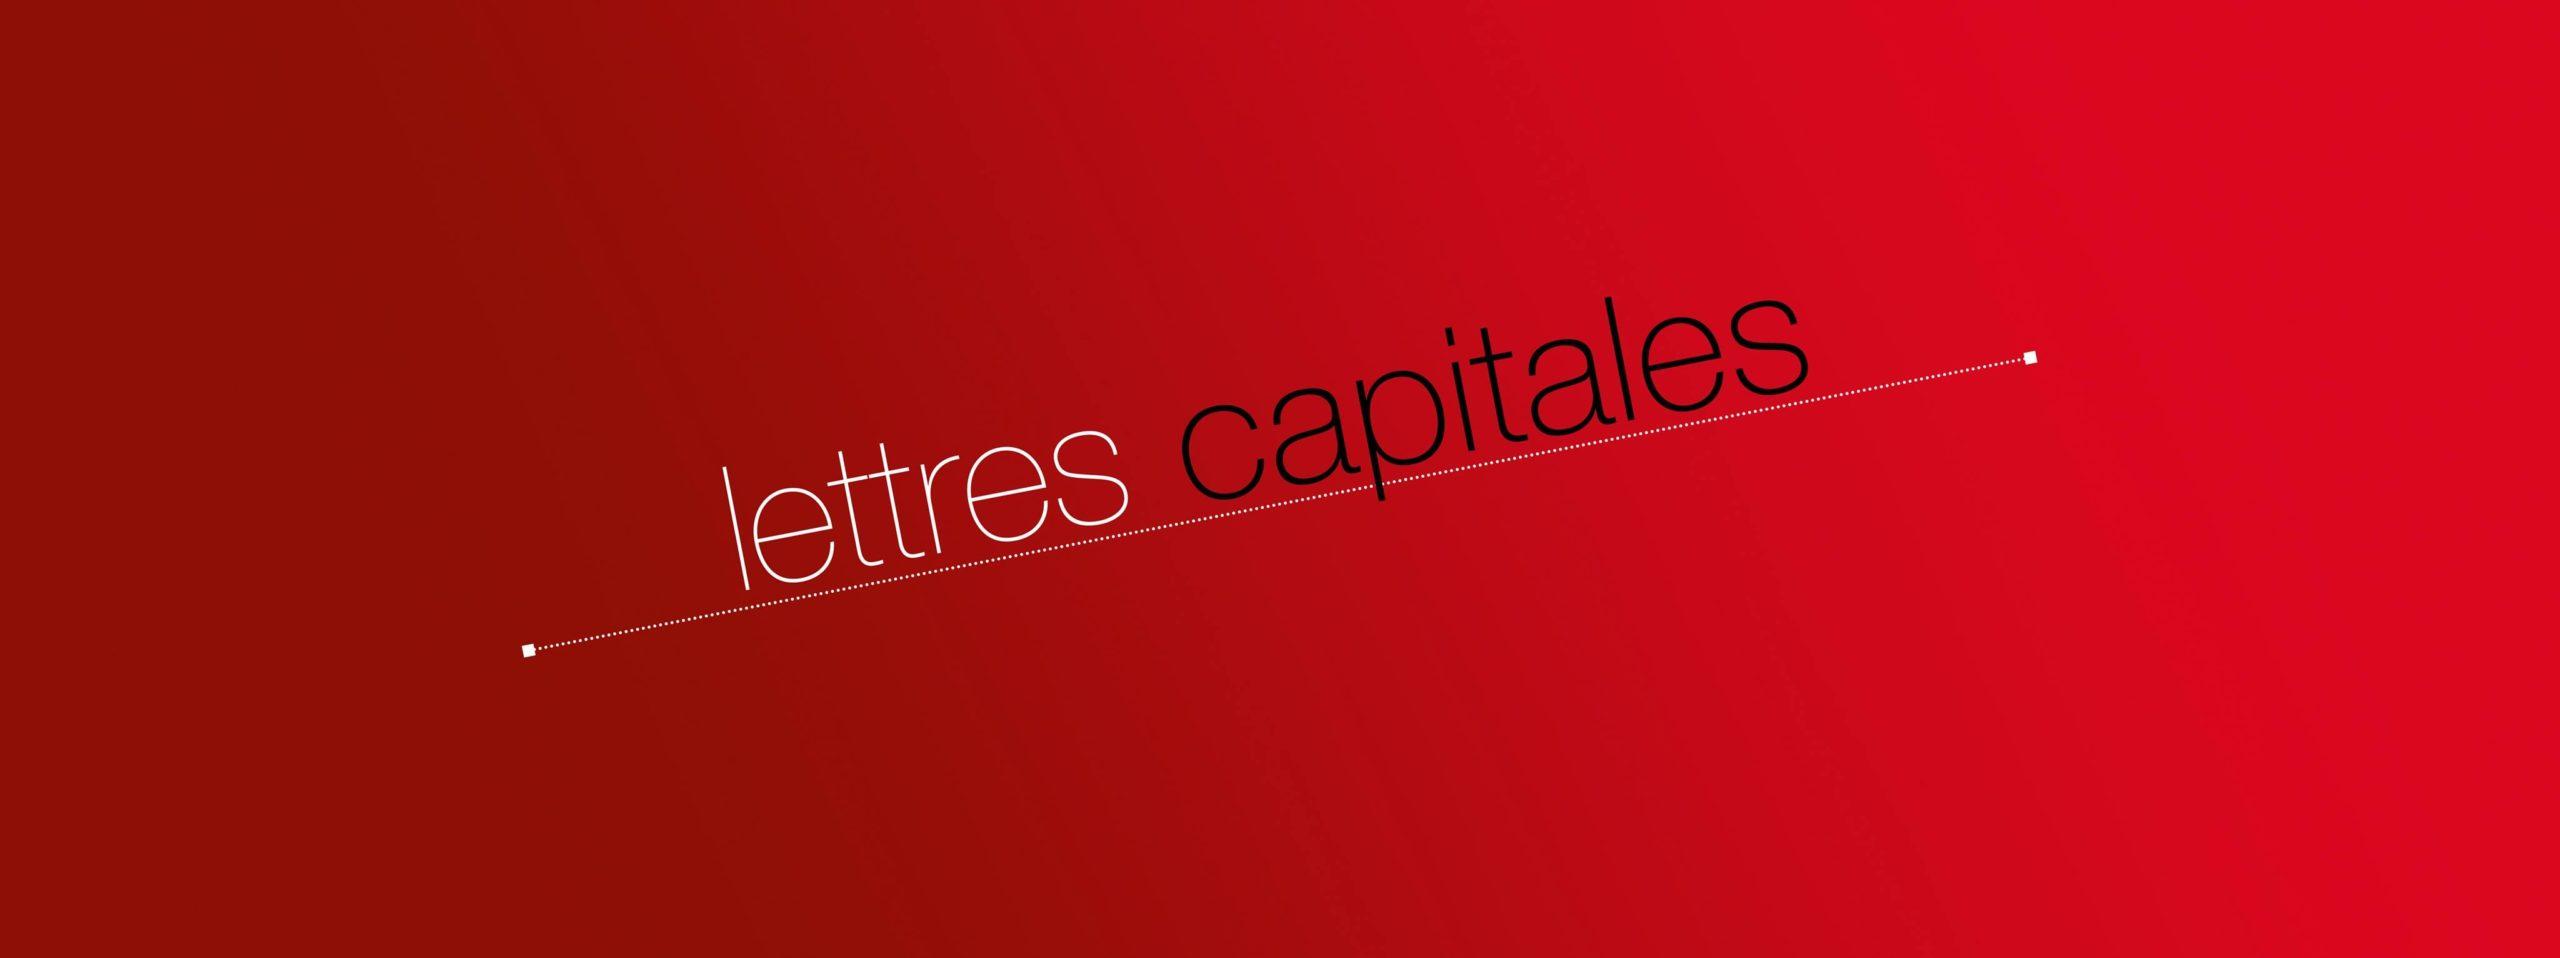 Lettres Capitales nouveau définitif